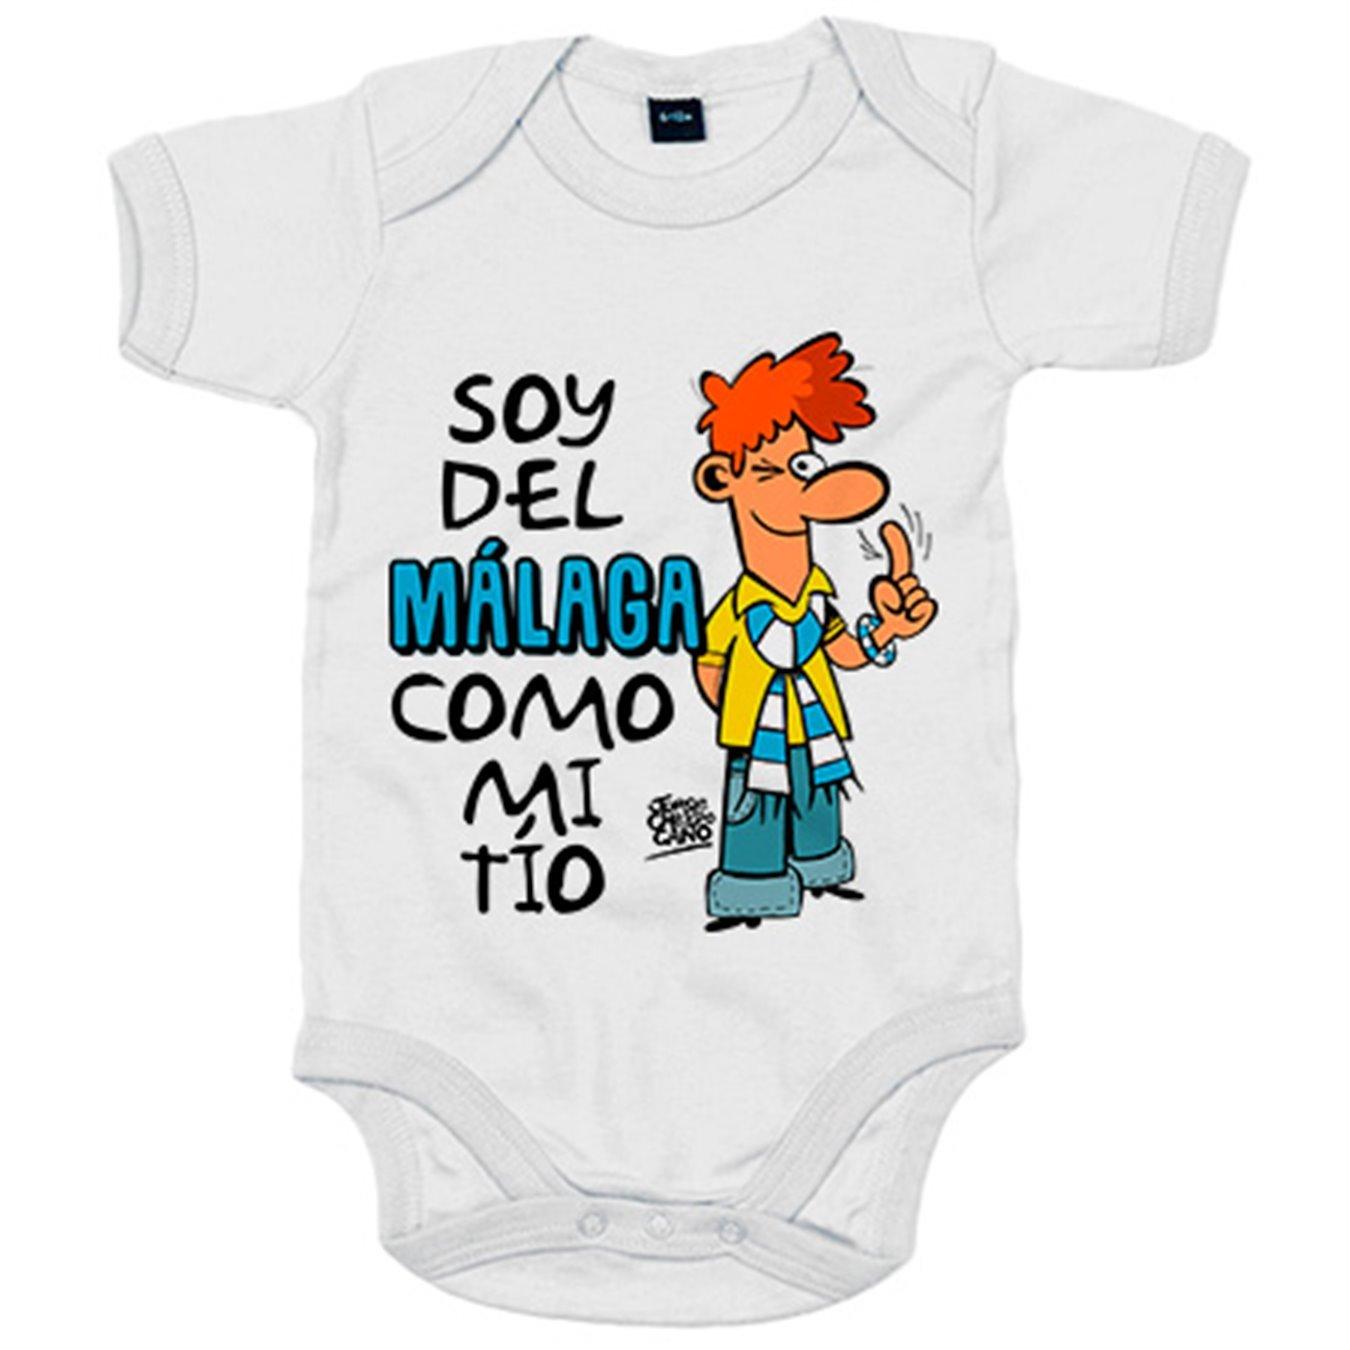 Body bebé soy del Málaga como mi tío Jorge Crespo Cano - Blanco, 12-18 meses: Amazon.es: Bebé